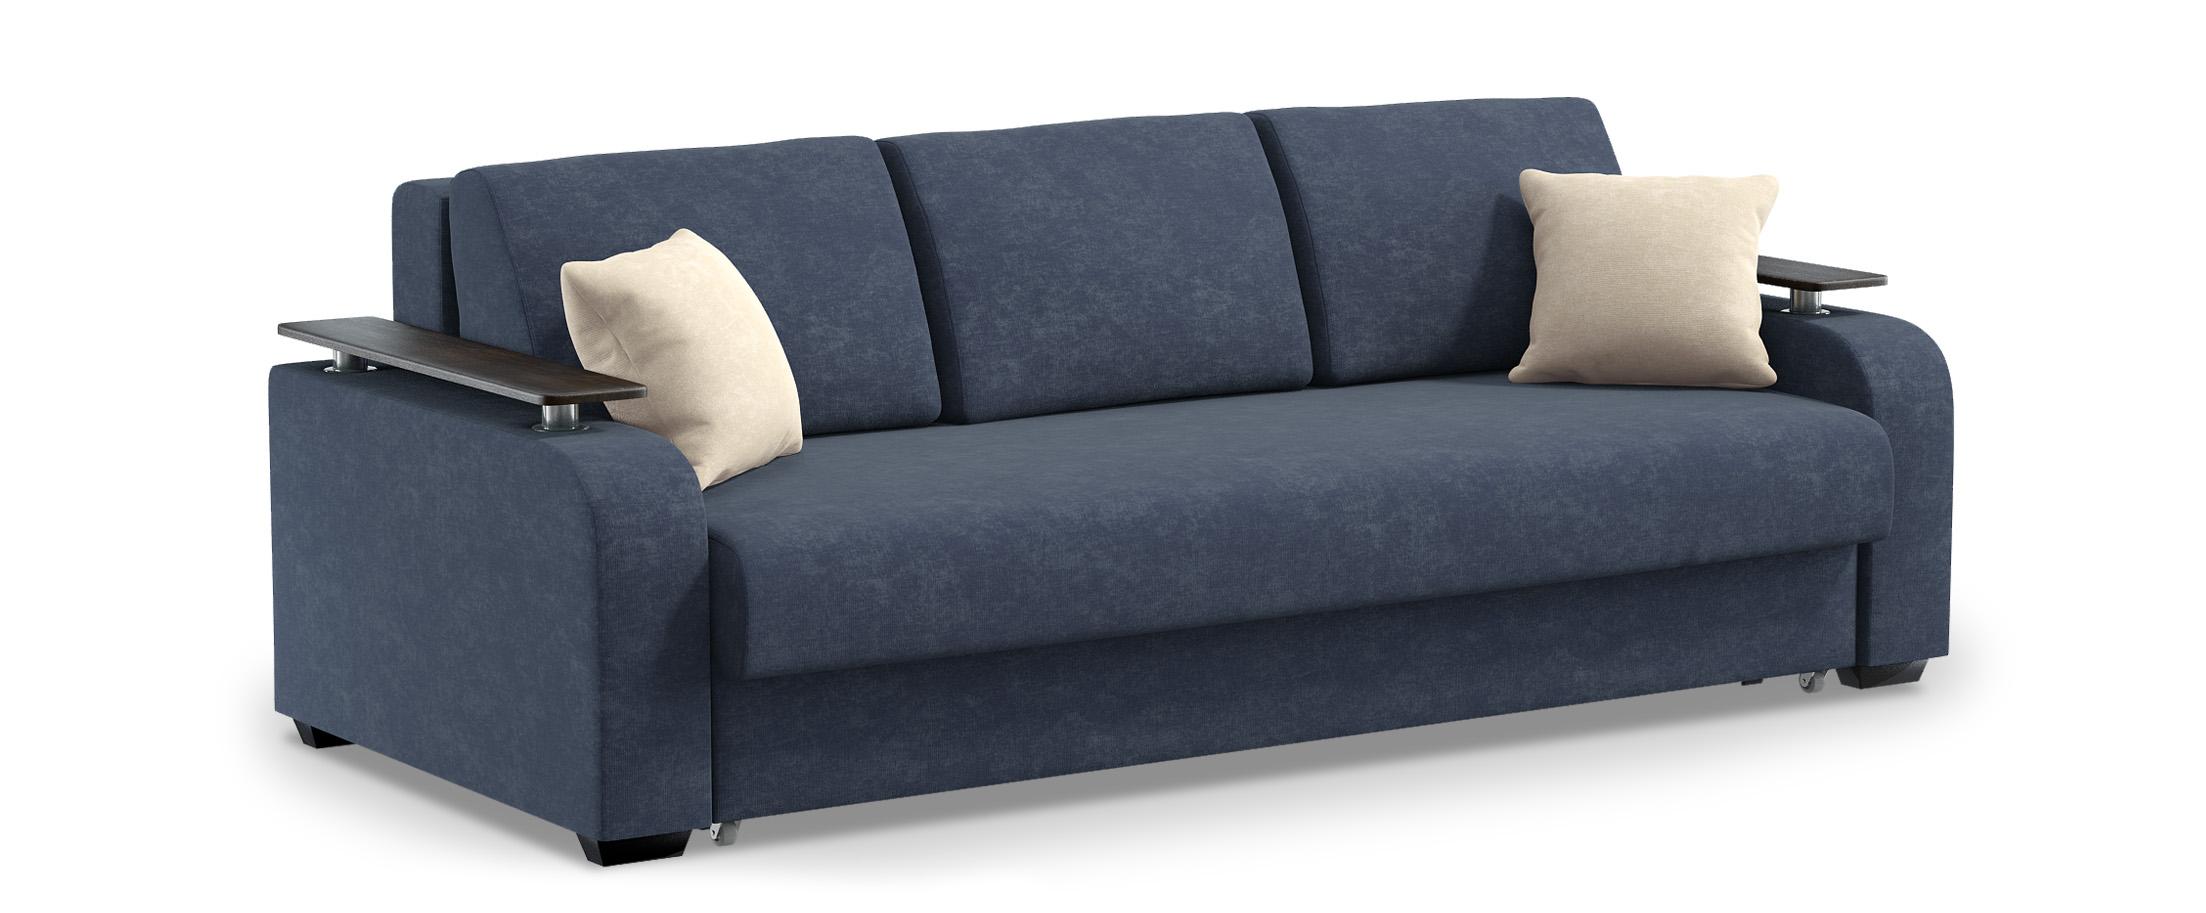 Диван прямой еврокнижка Марракеш 044Гостевой вариант и полноценное спальное место. Размеры 237х108х88 см. Купить синий диван еврокнижка в интернет-магазине MOON-TRADE.RU<br>